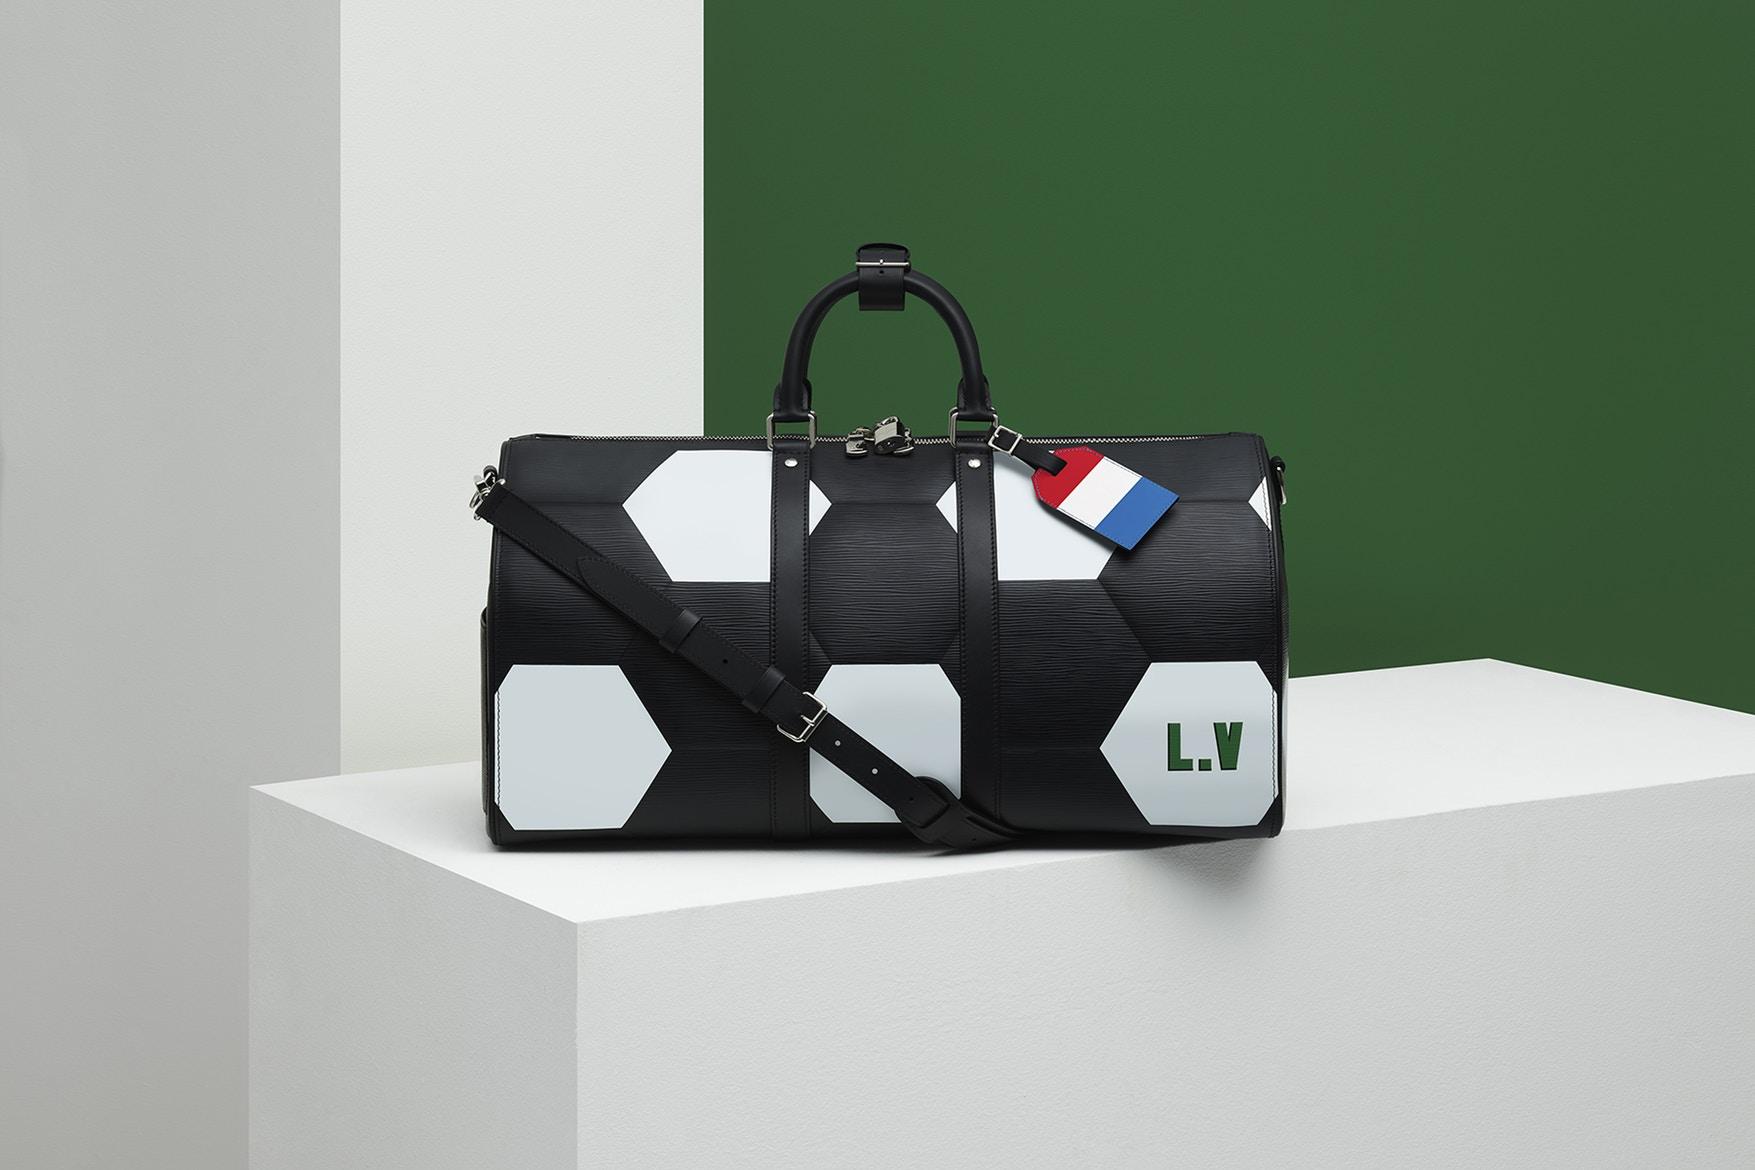 63ce36772d2e1 Począwszy od plecaków Apollo po metki na bagaż, popularne produkty marki Louis  Vuitton zostały ozdobiona sześciokątną mozaiką. Dla osób z wyjątkowo  zasobnym ...